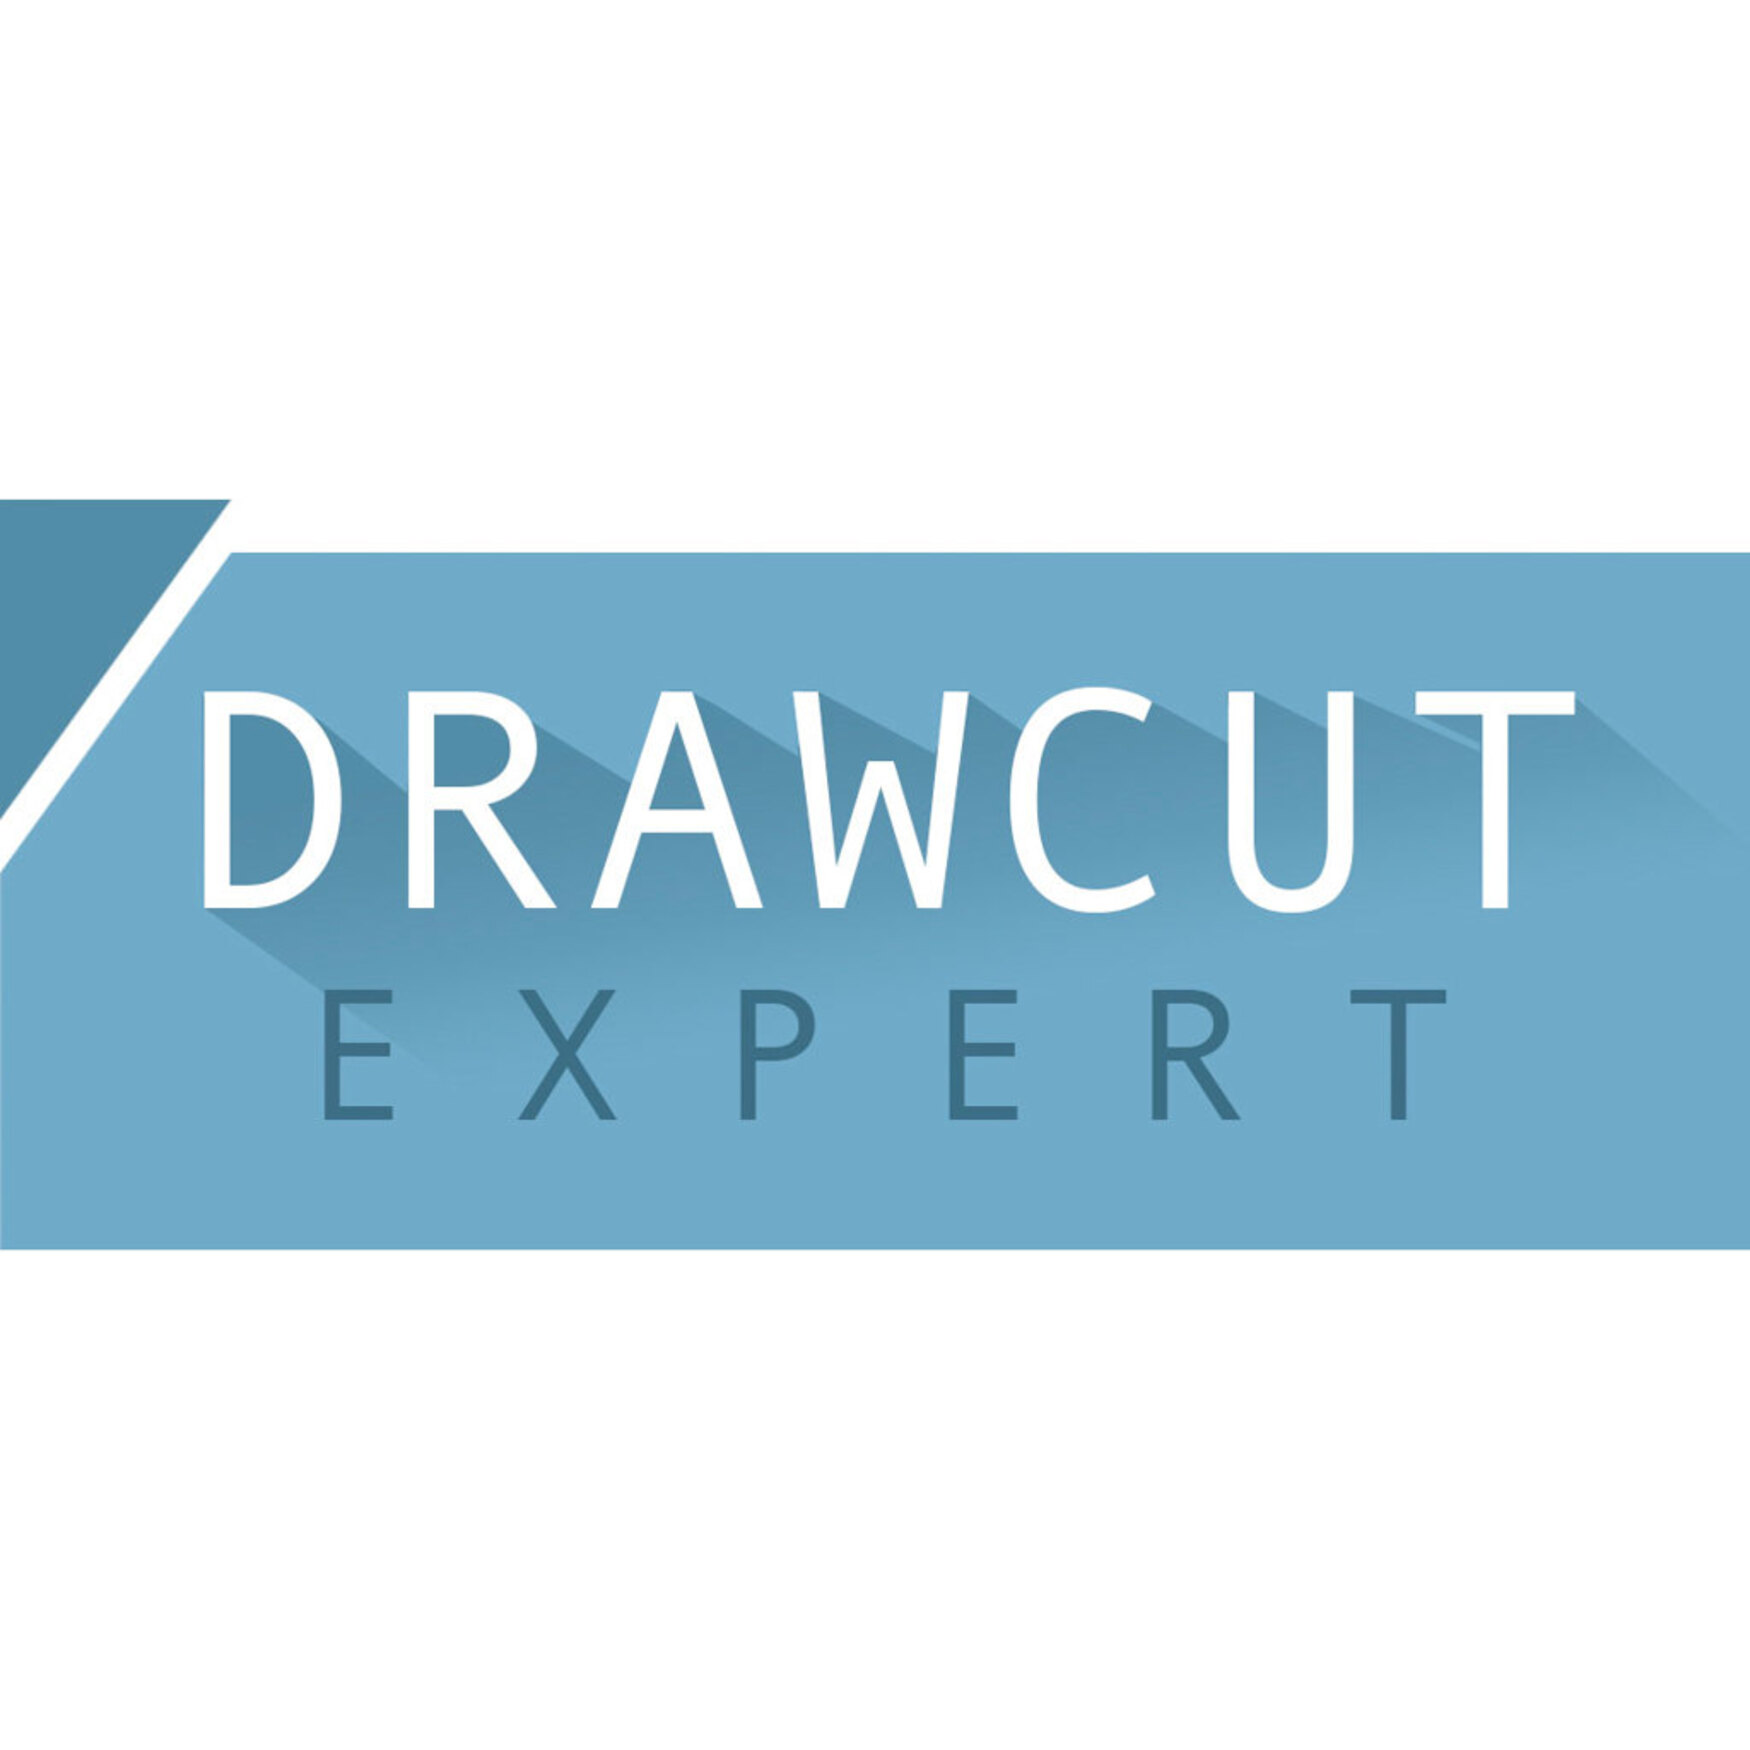 Aggiornamento da DrawCut PRO a DrawCut EXPERT